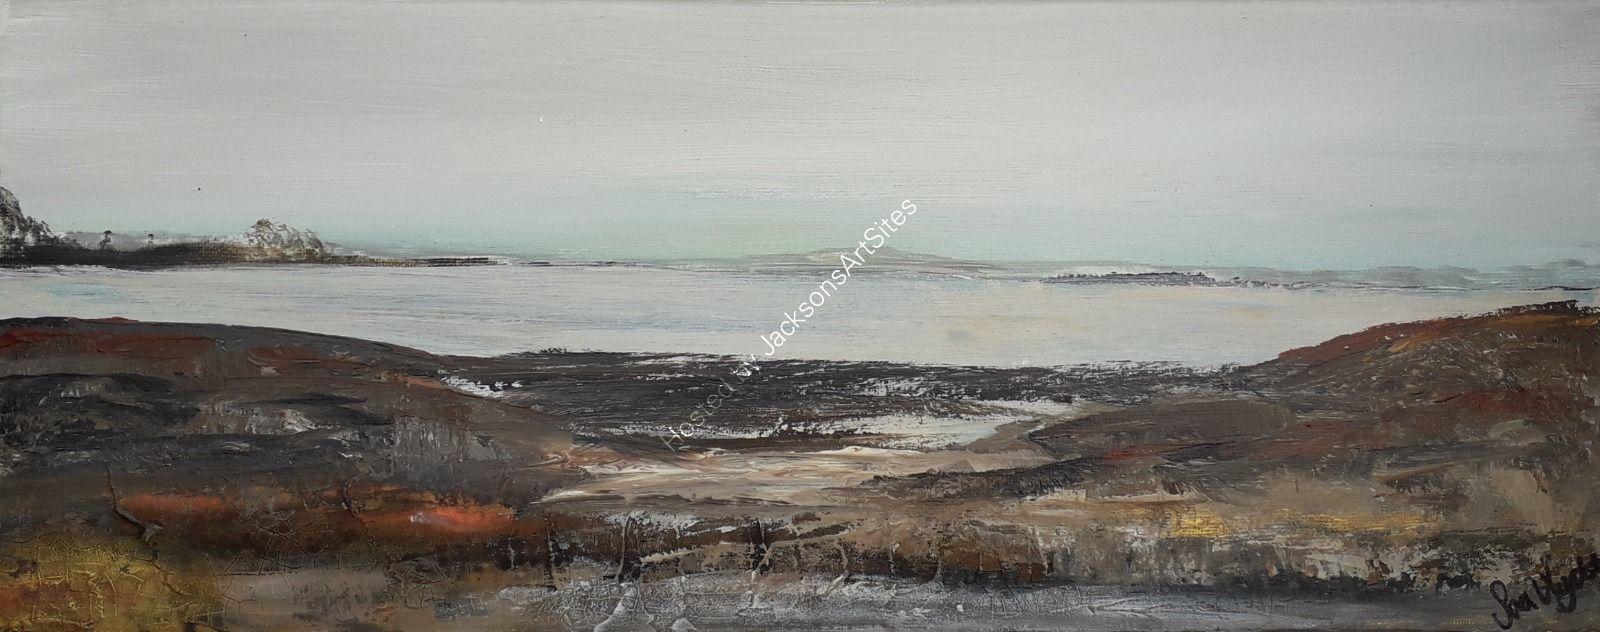 River Severn Landscape